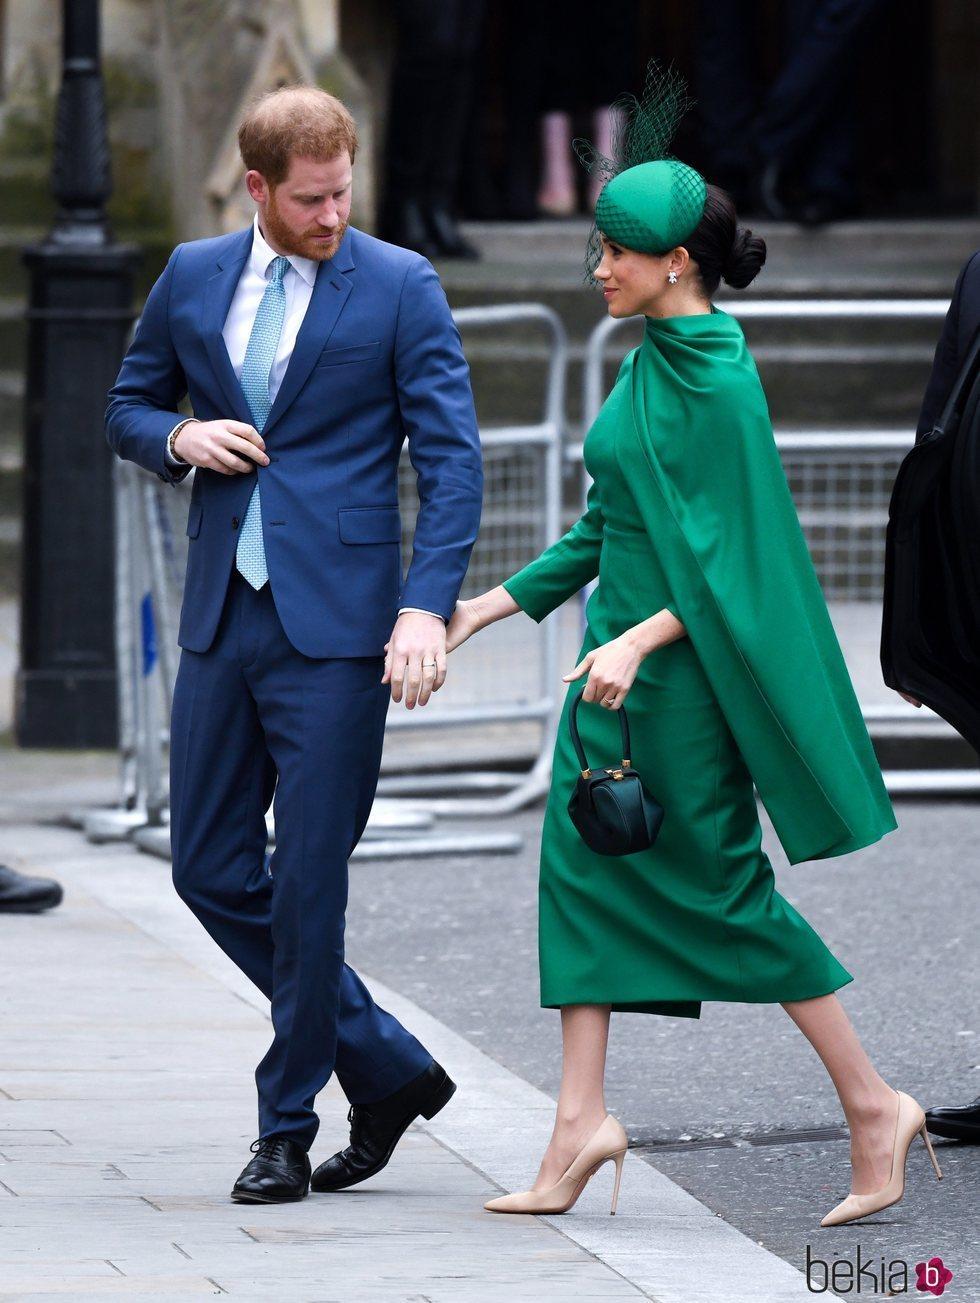 El Príncipe Harry, pendiente de Meghan Markle en el Día de la Commonwealth 2020